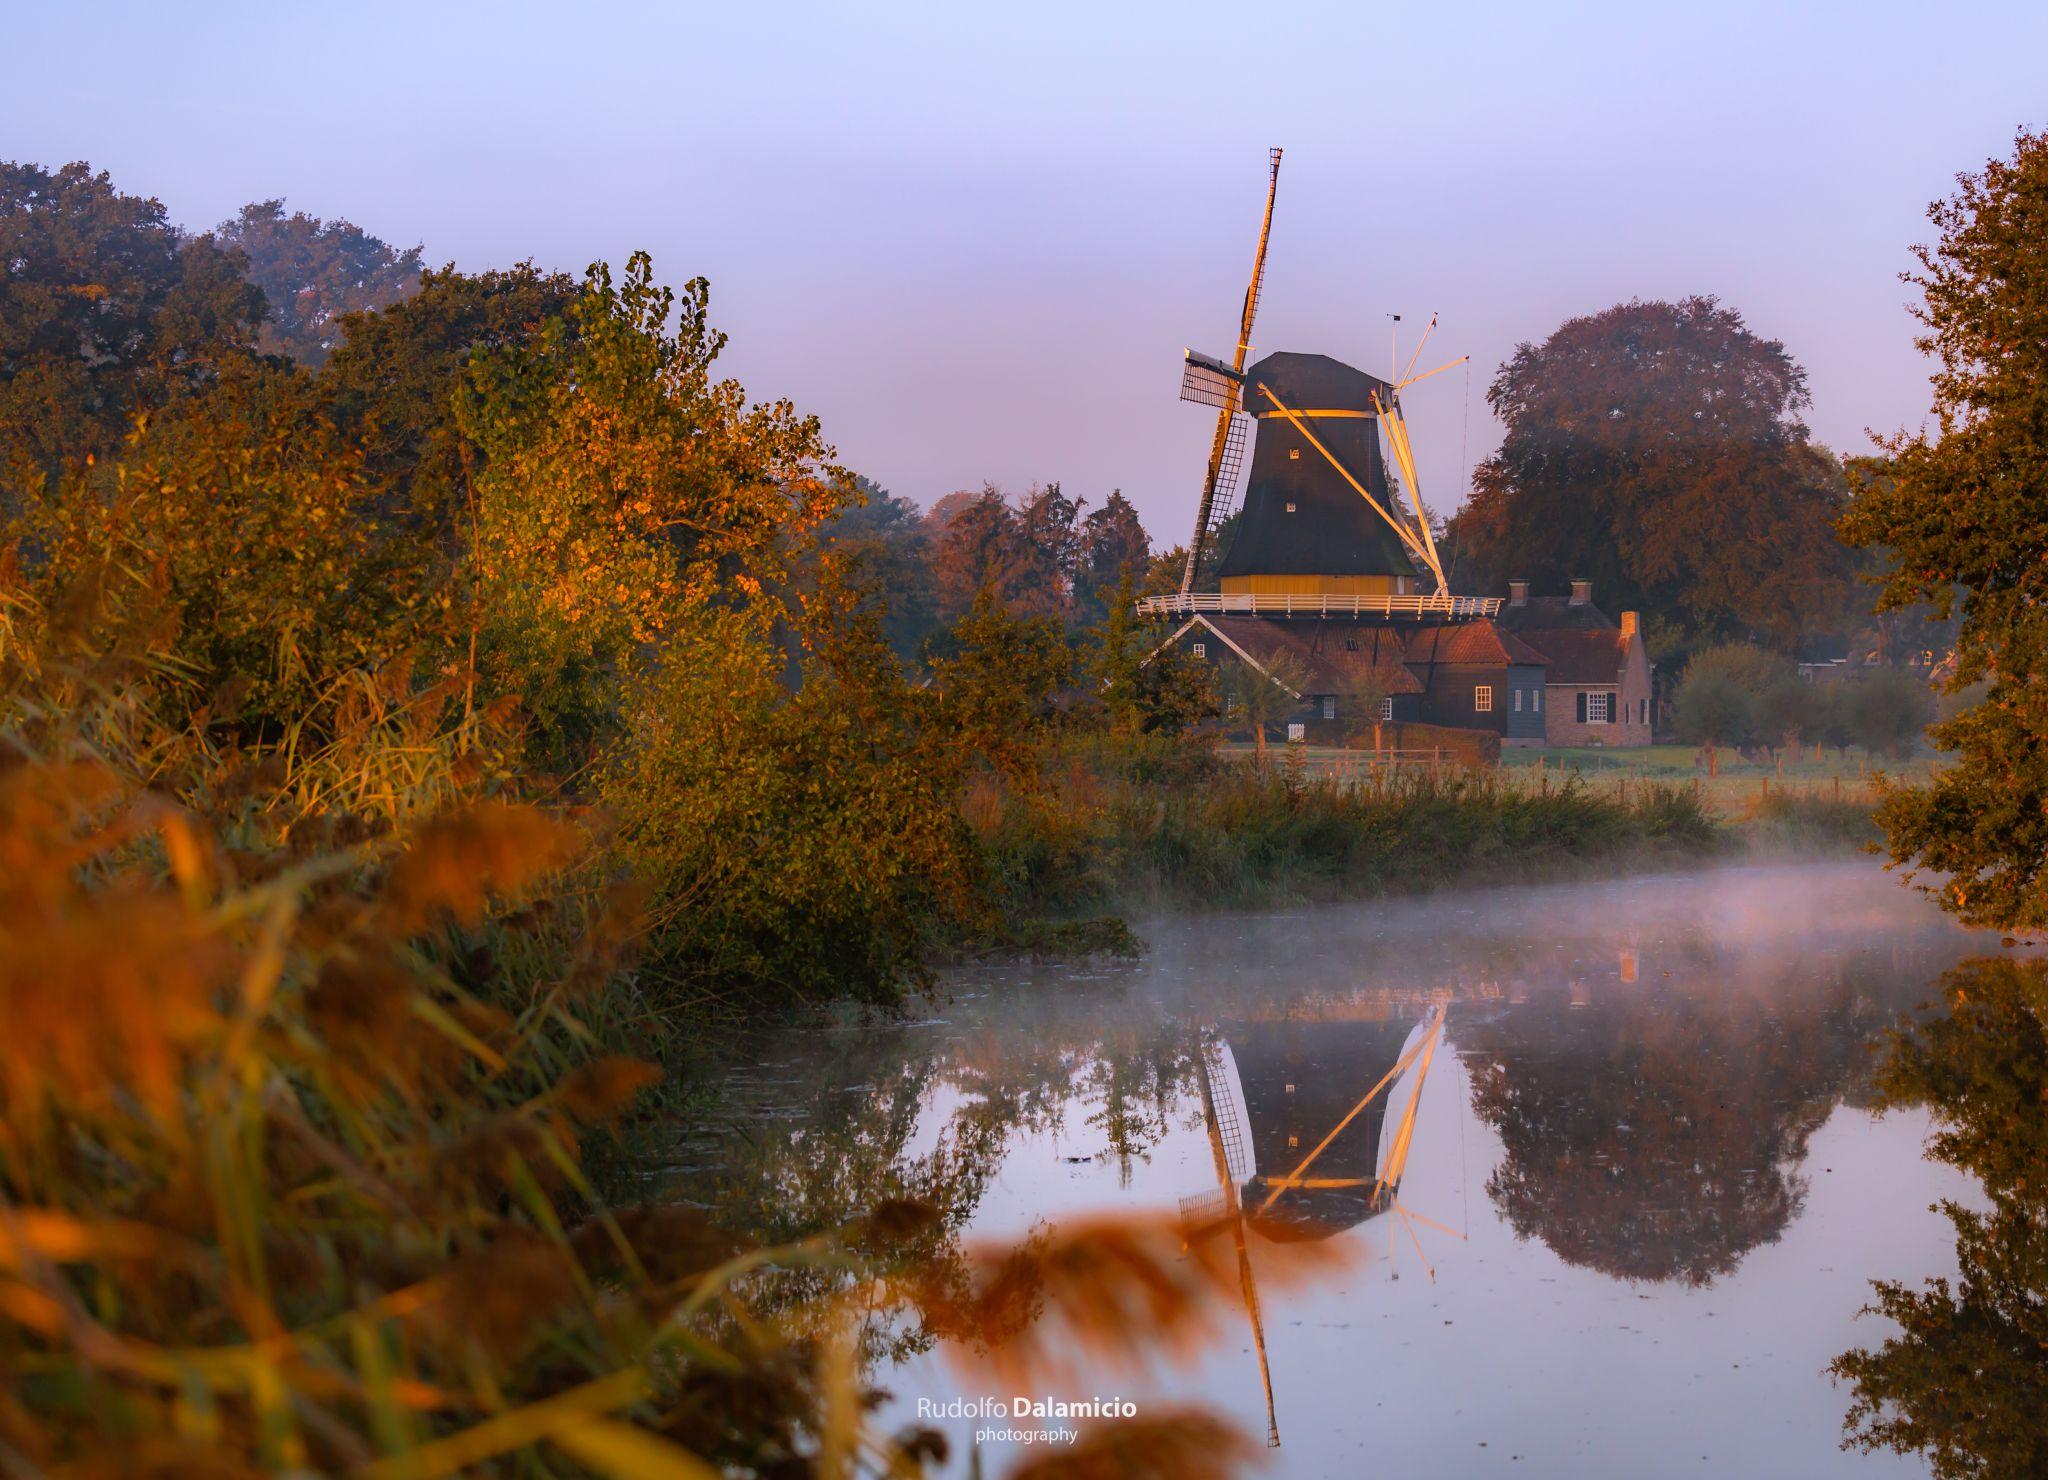 Pelmolen Rijssen, Netherlands